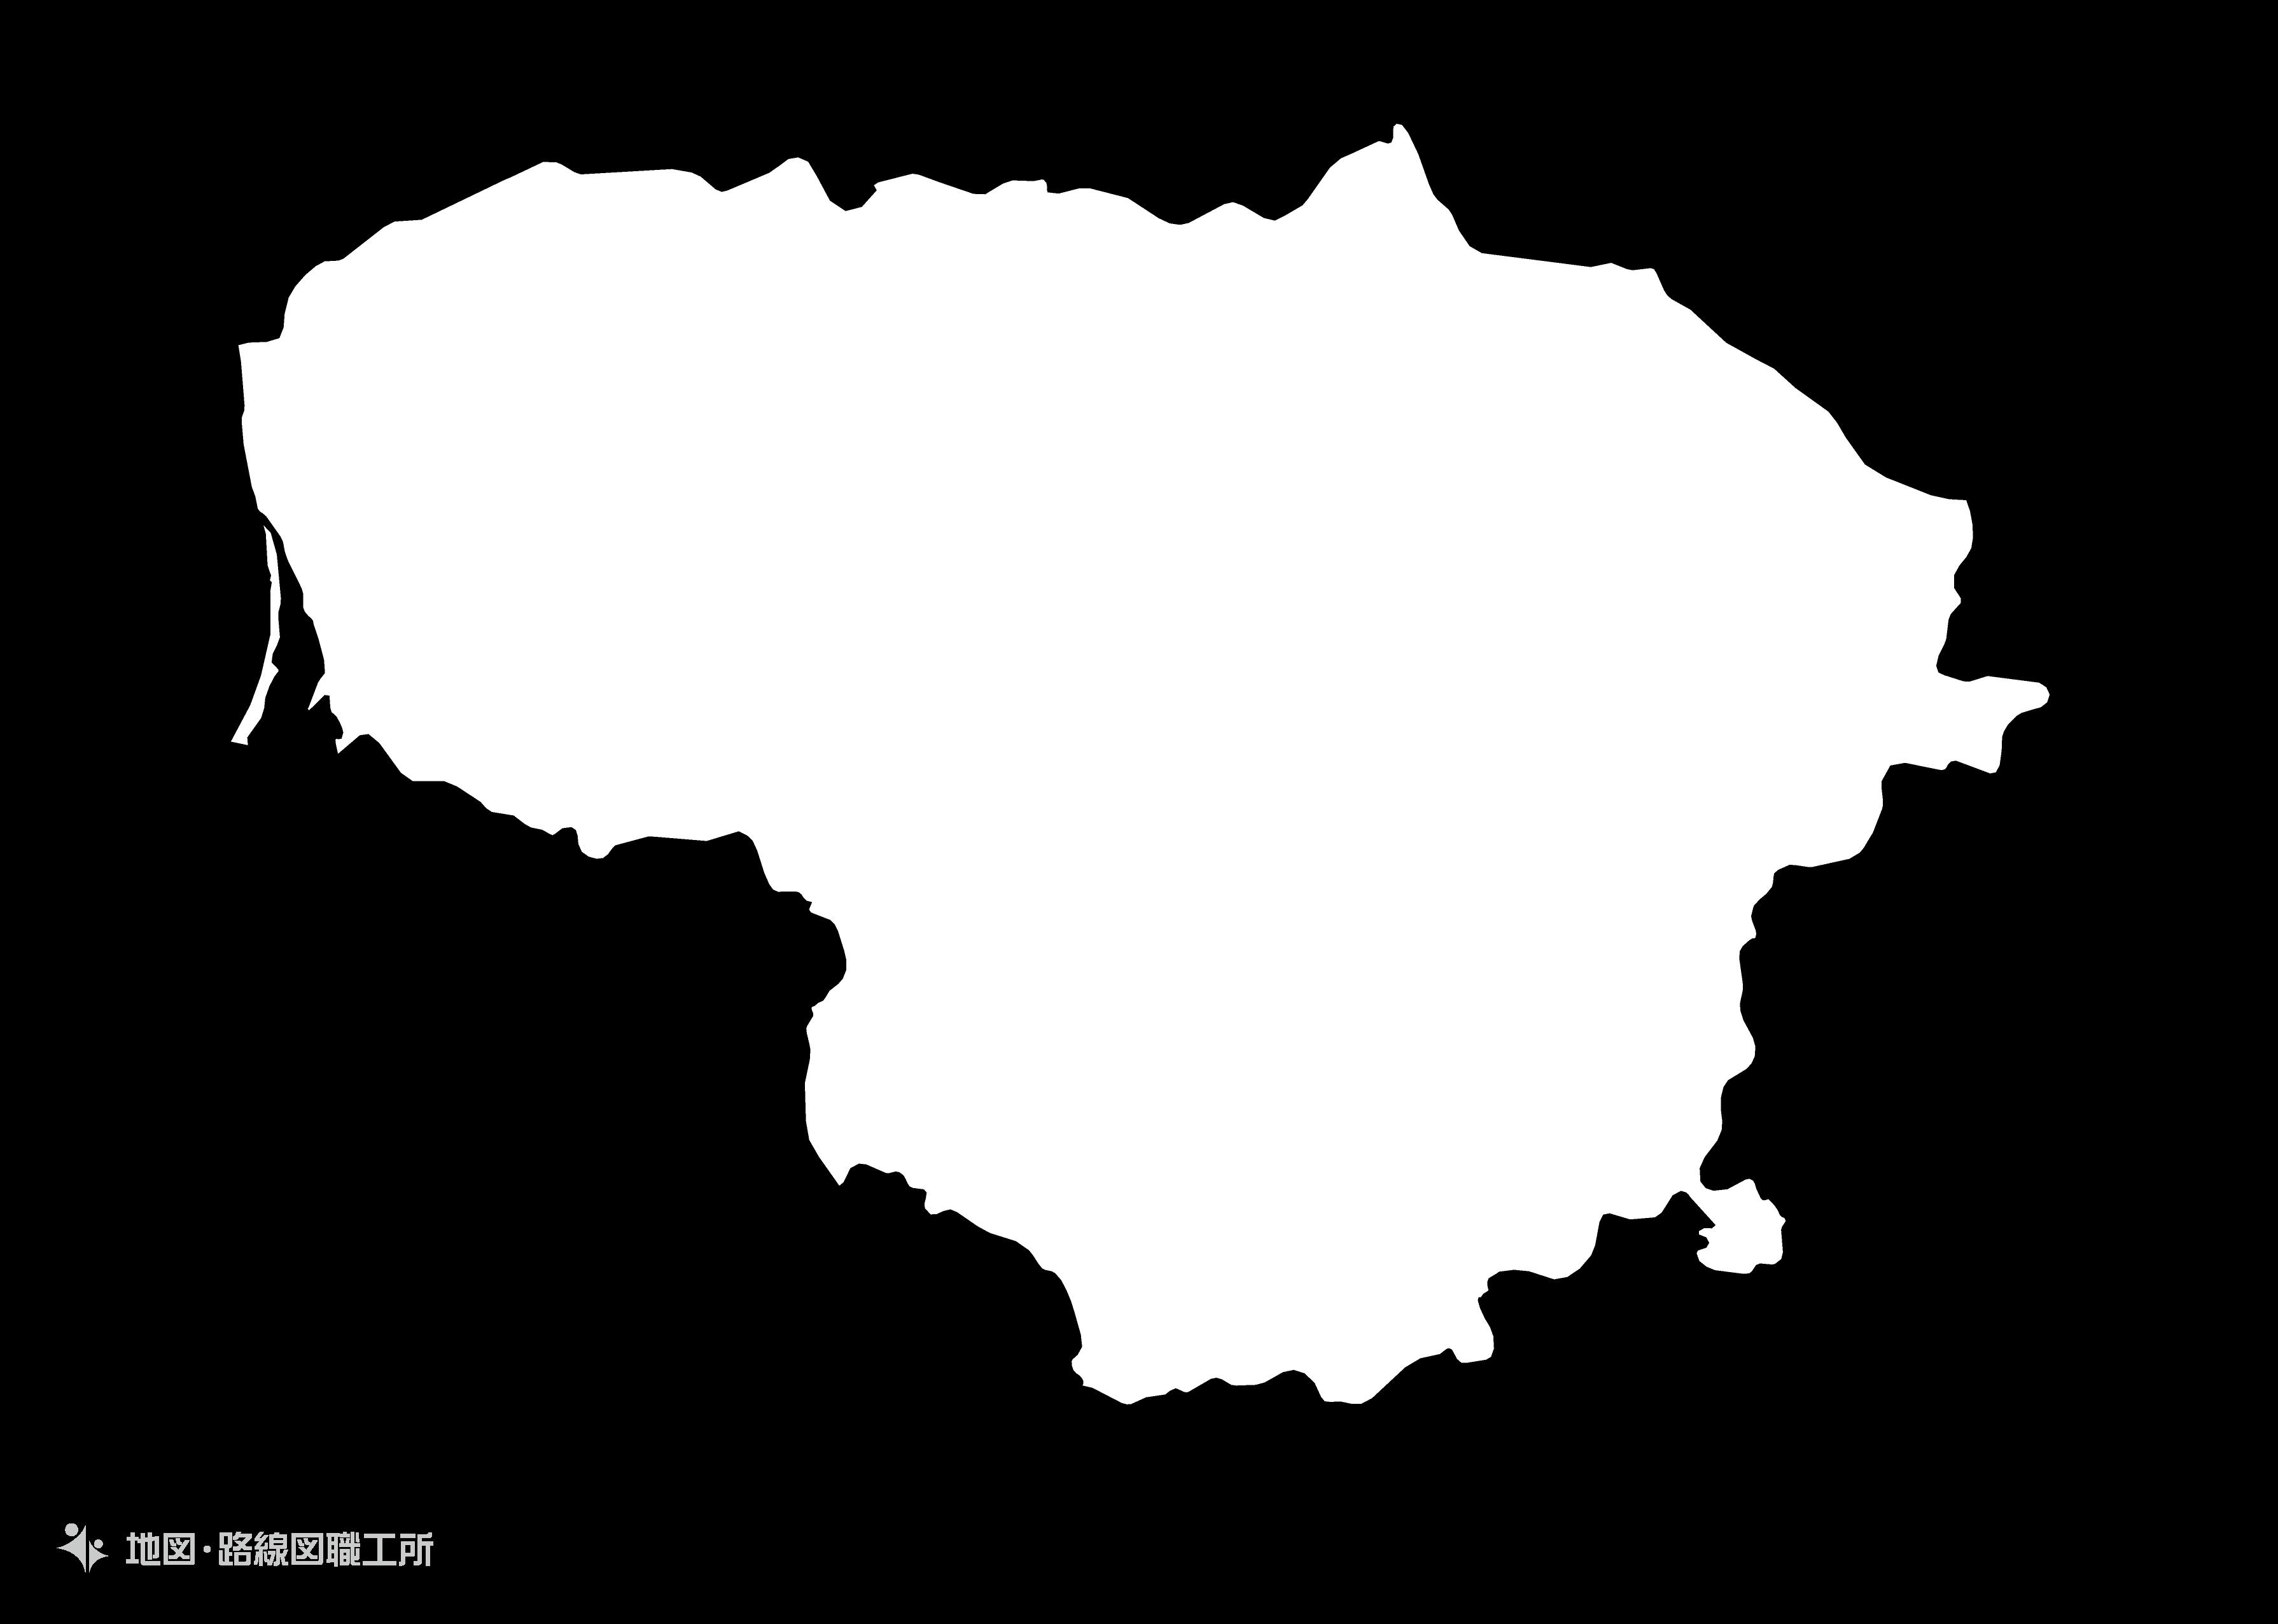 世界の白地図 リトアニア共和国 republic-of-lithuania map